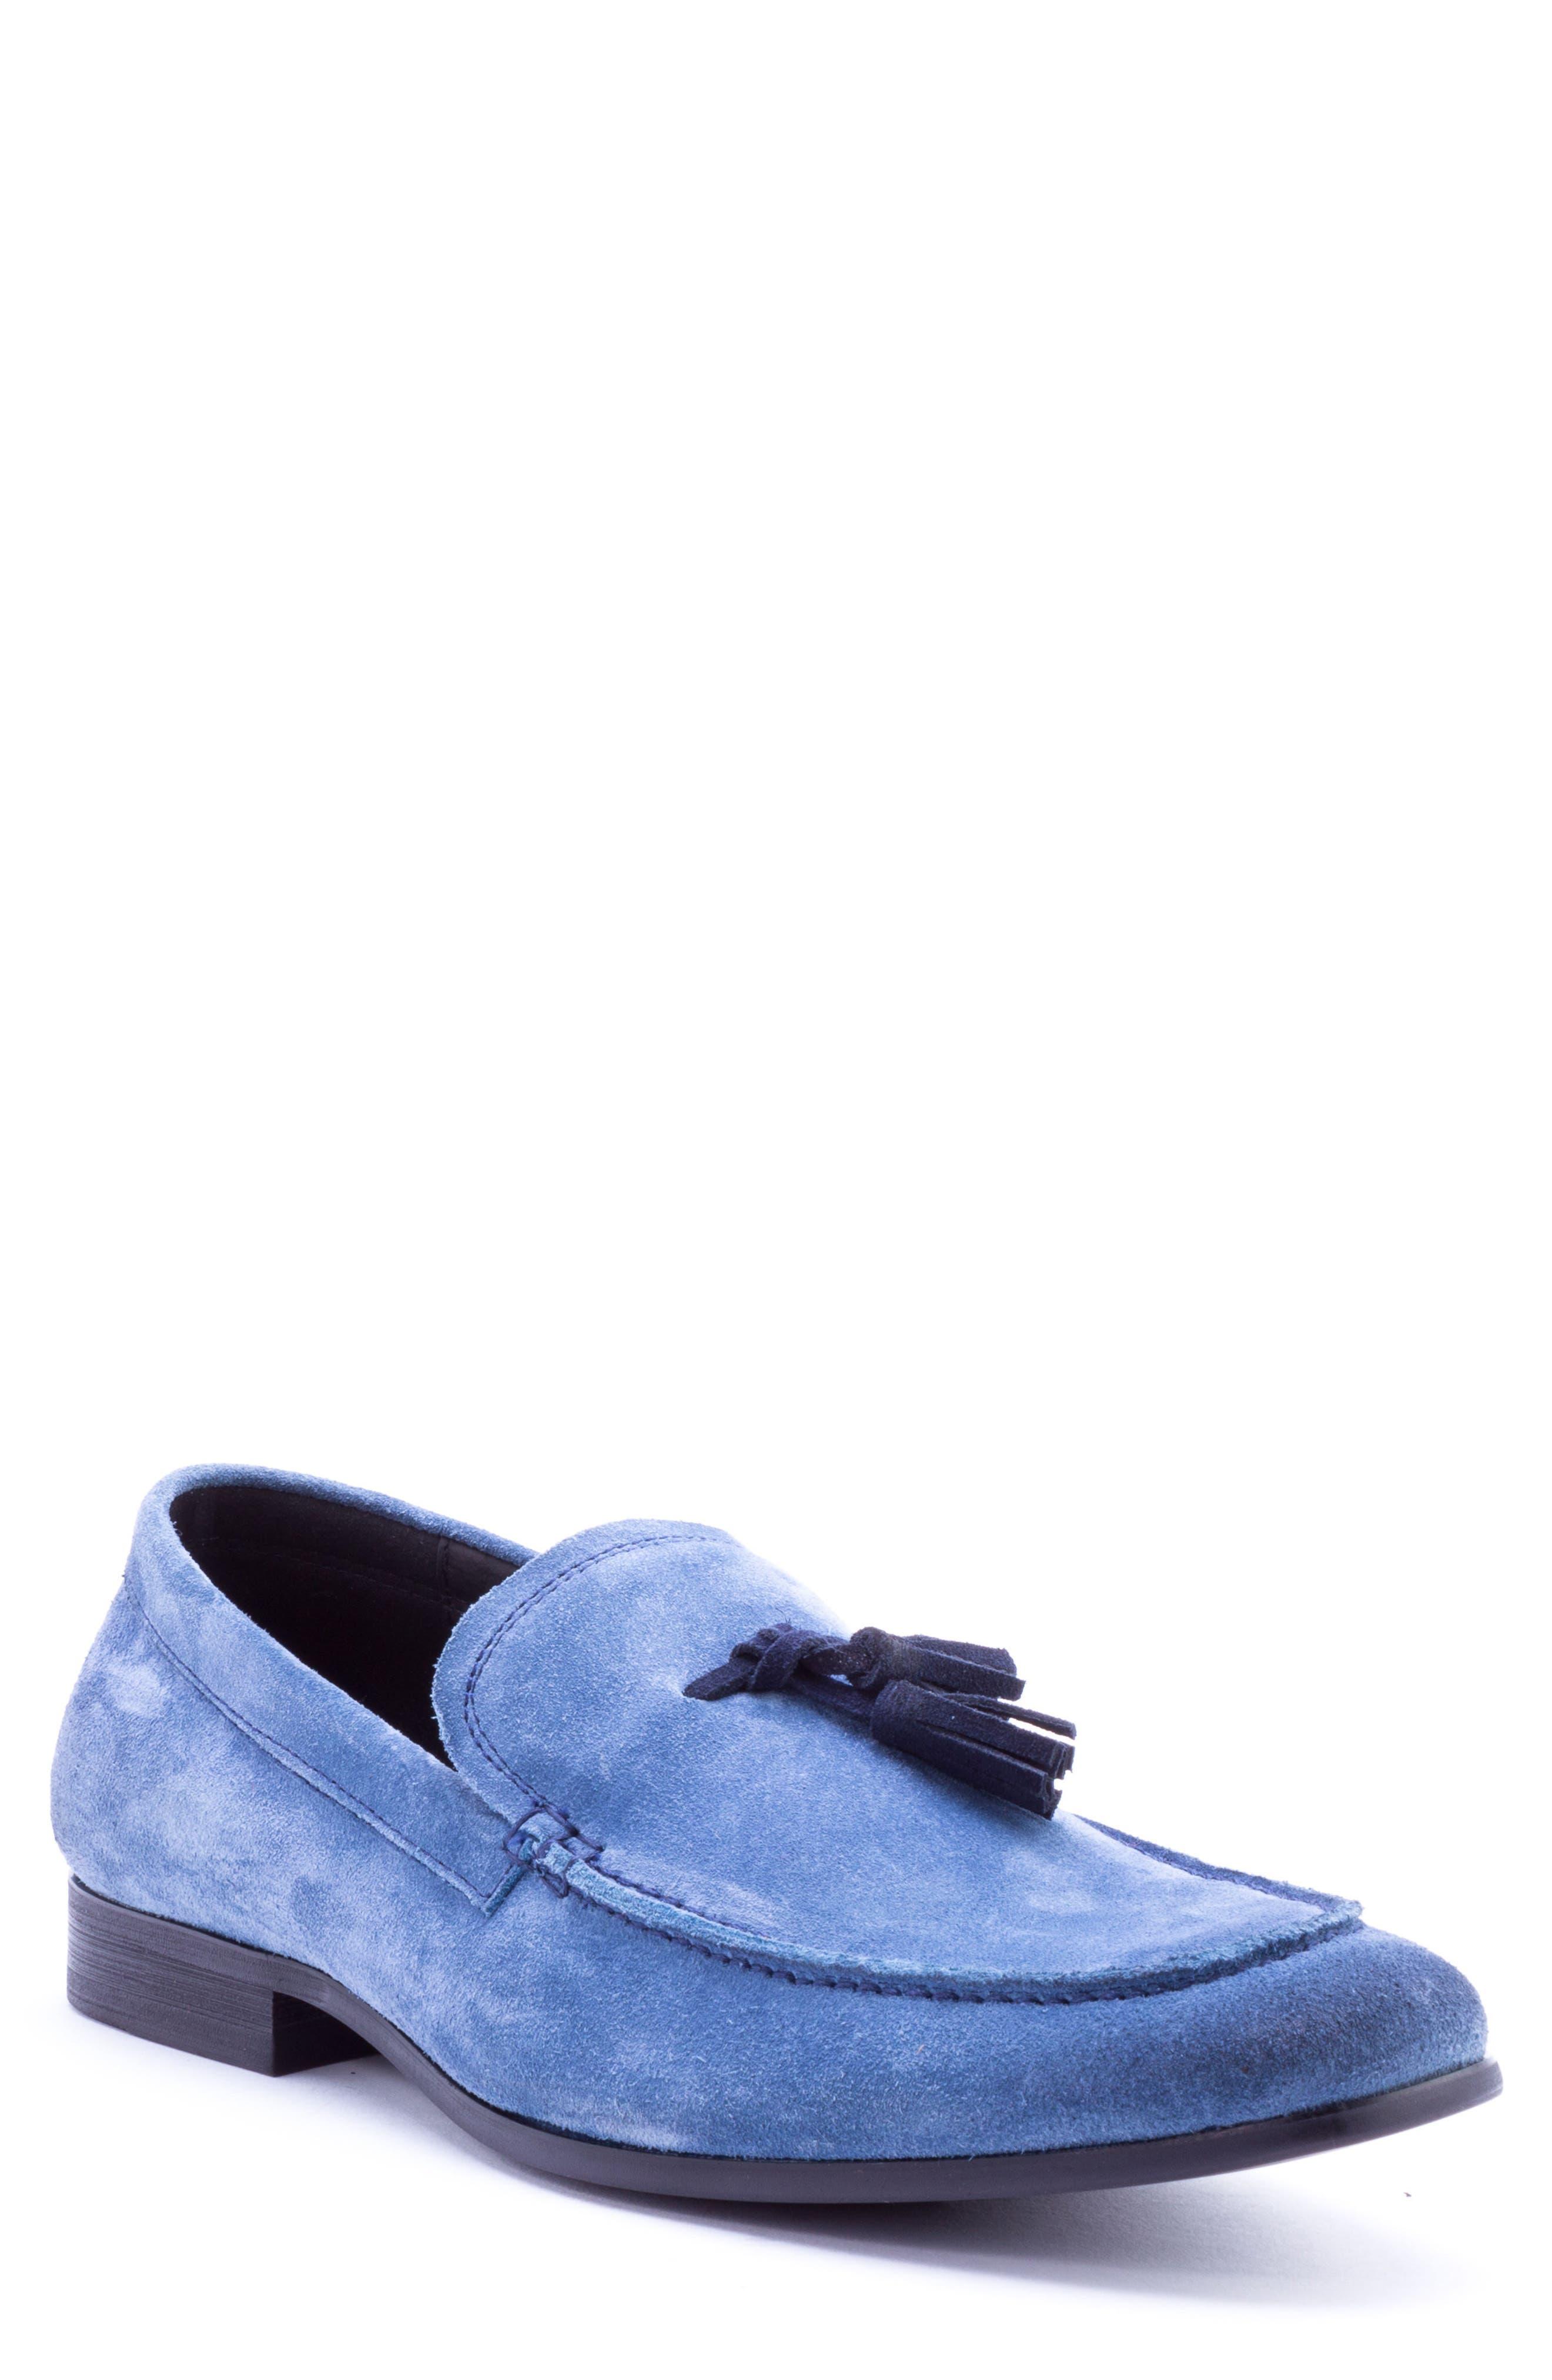 Severn Tassel Venetian Loafer,                         Main,                         color, Blue Suede